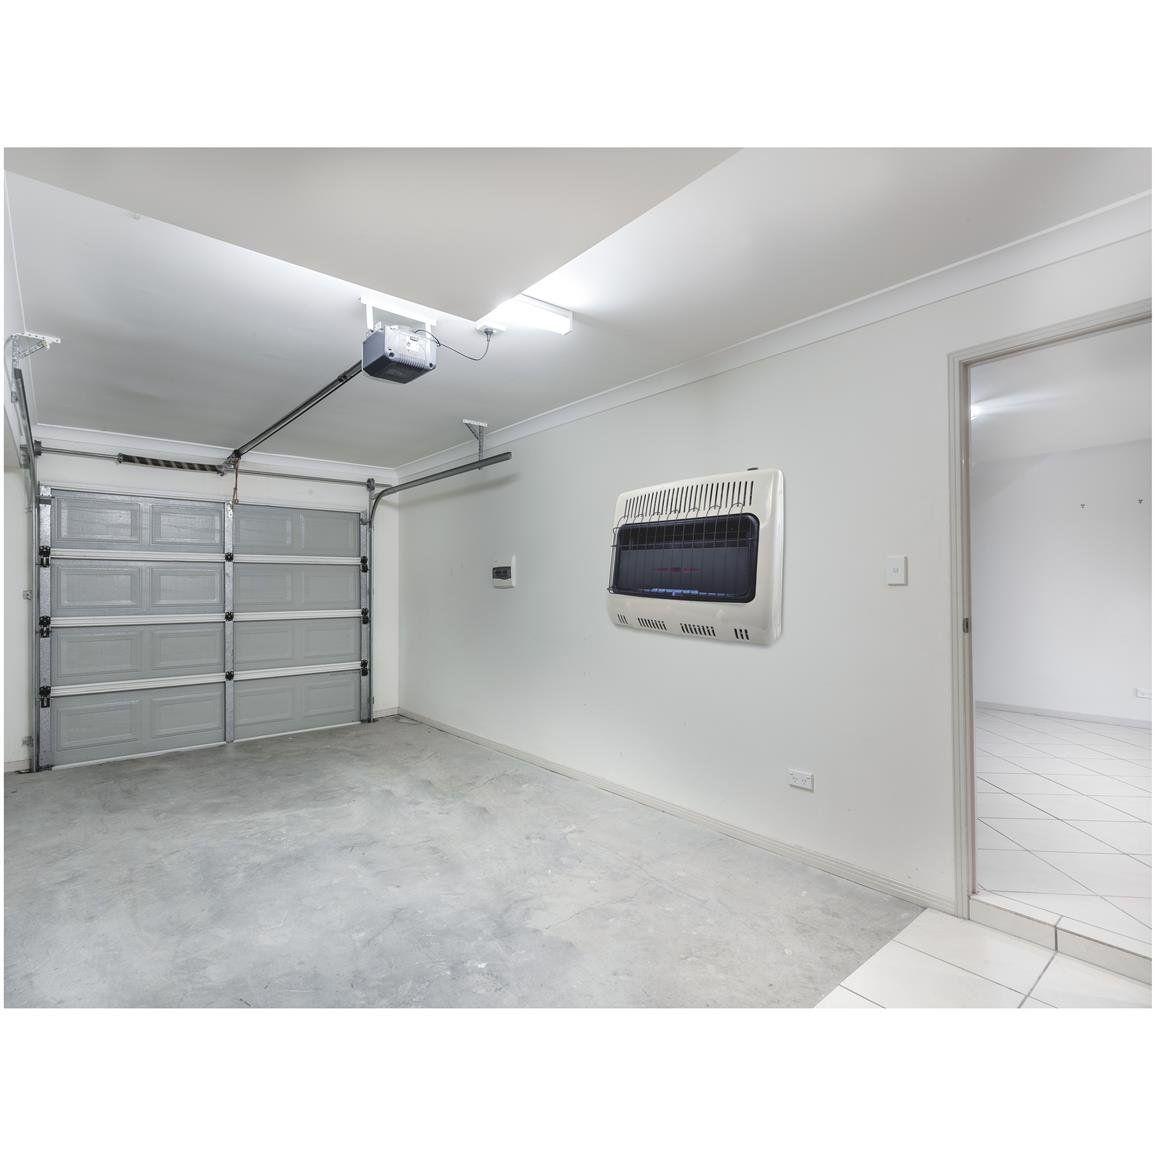 Garage Heater Natural Gas Http Undhimmi Com Garage Heater Natural Gas 4205 10 12 Html Wall Mount Gas Heater Garage Heater Gas Garage Heater